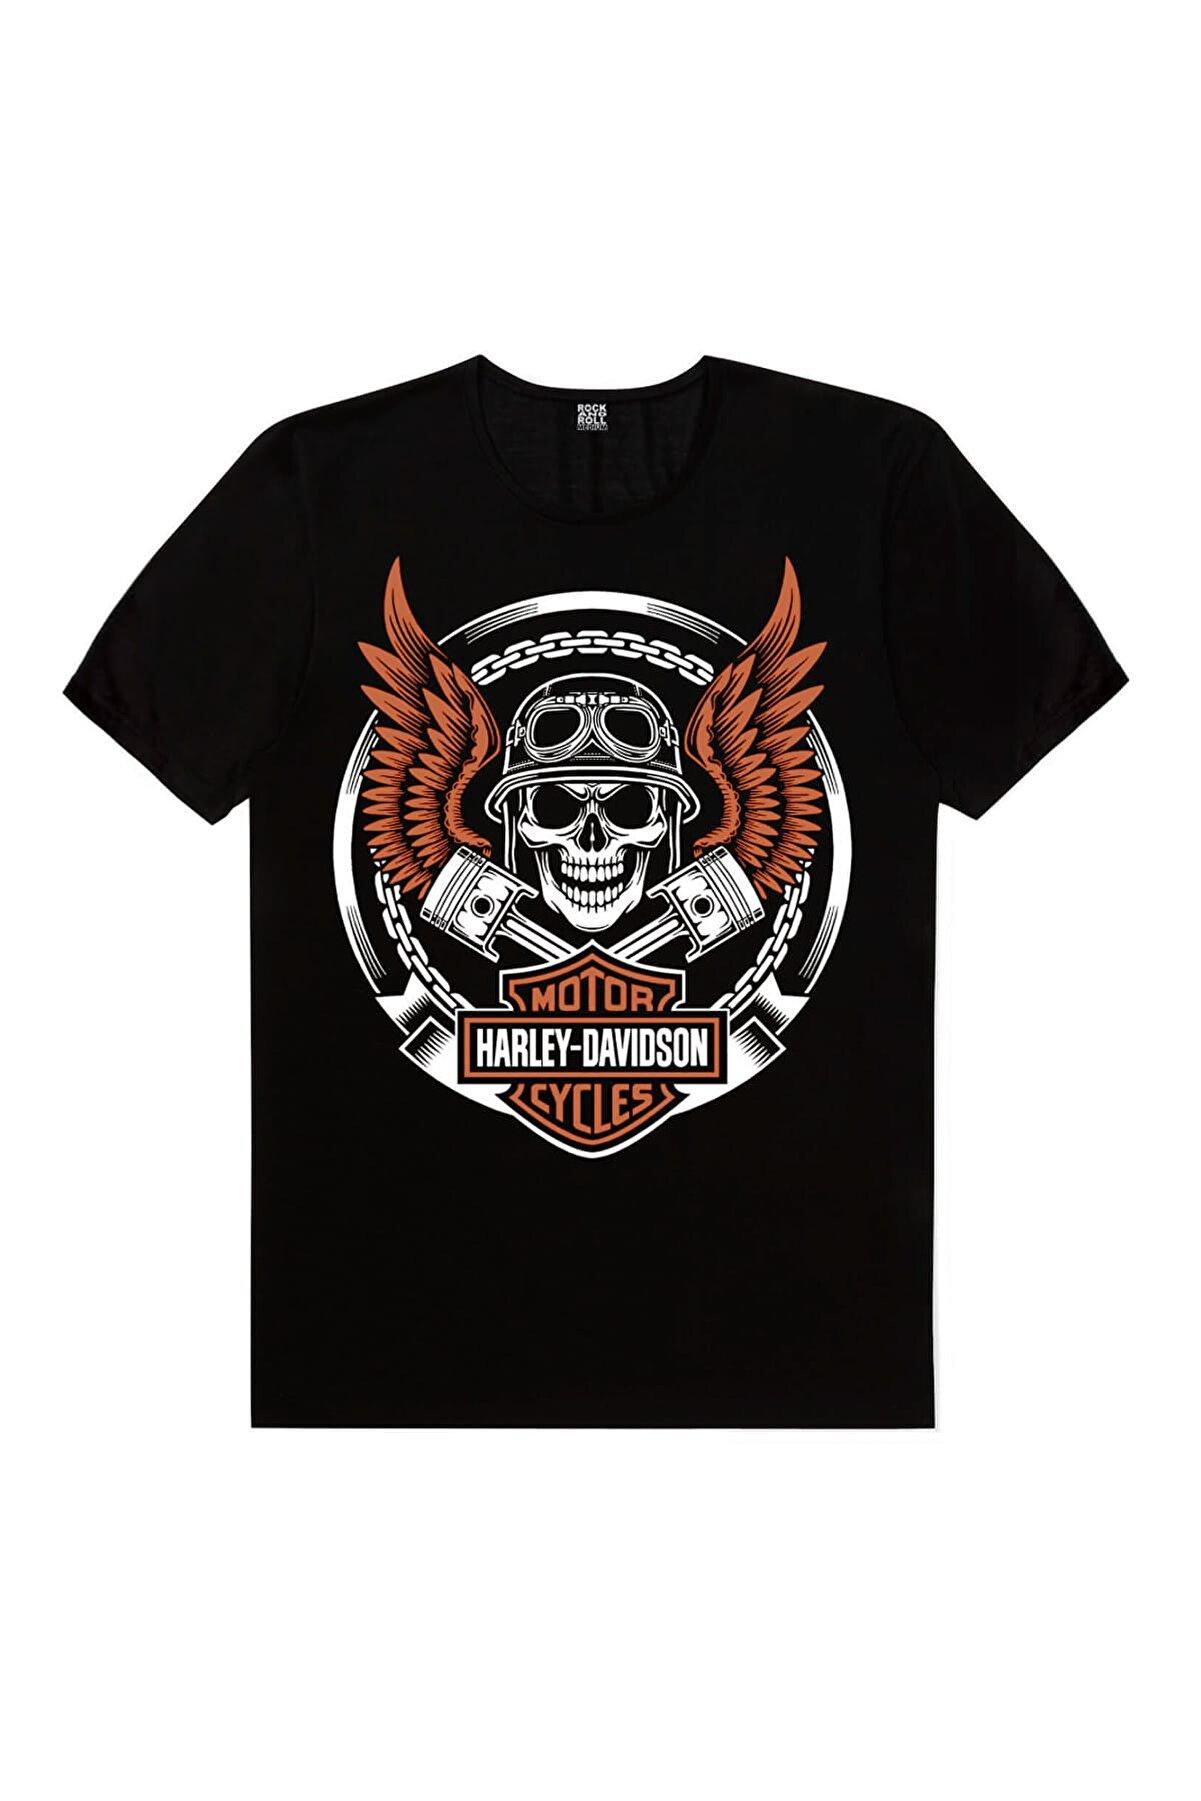 Rock & Roll Motorcu Kurukafa Siyah Kısa Kollu Tişört